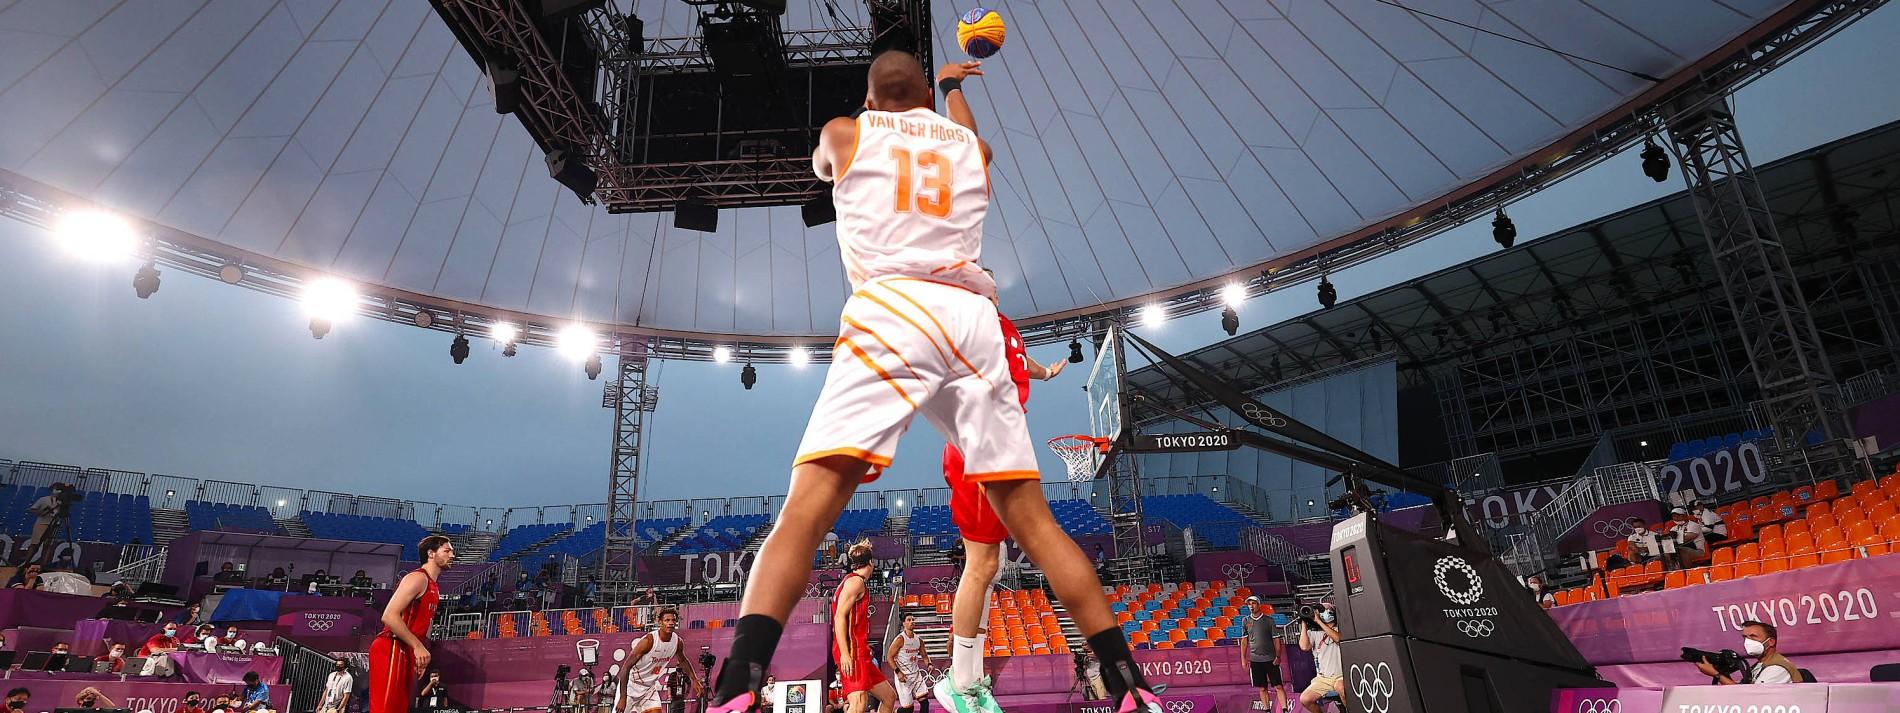 Ein neues Basketball-Spiel